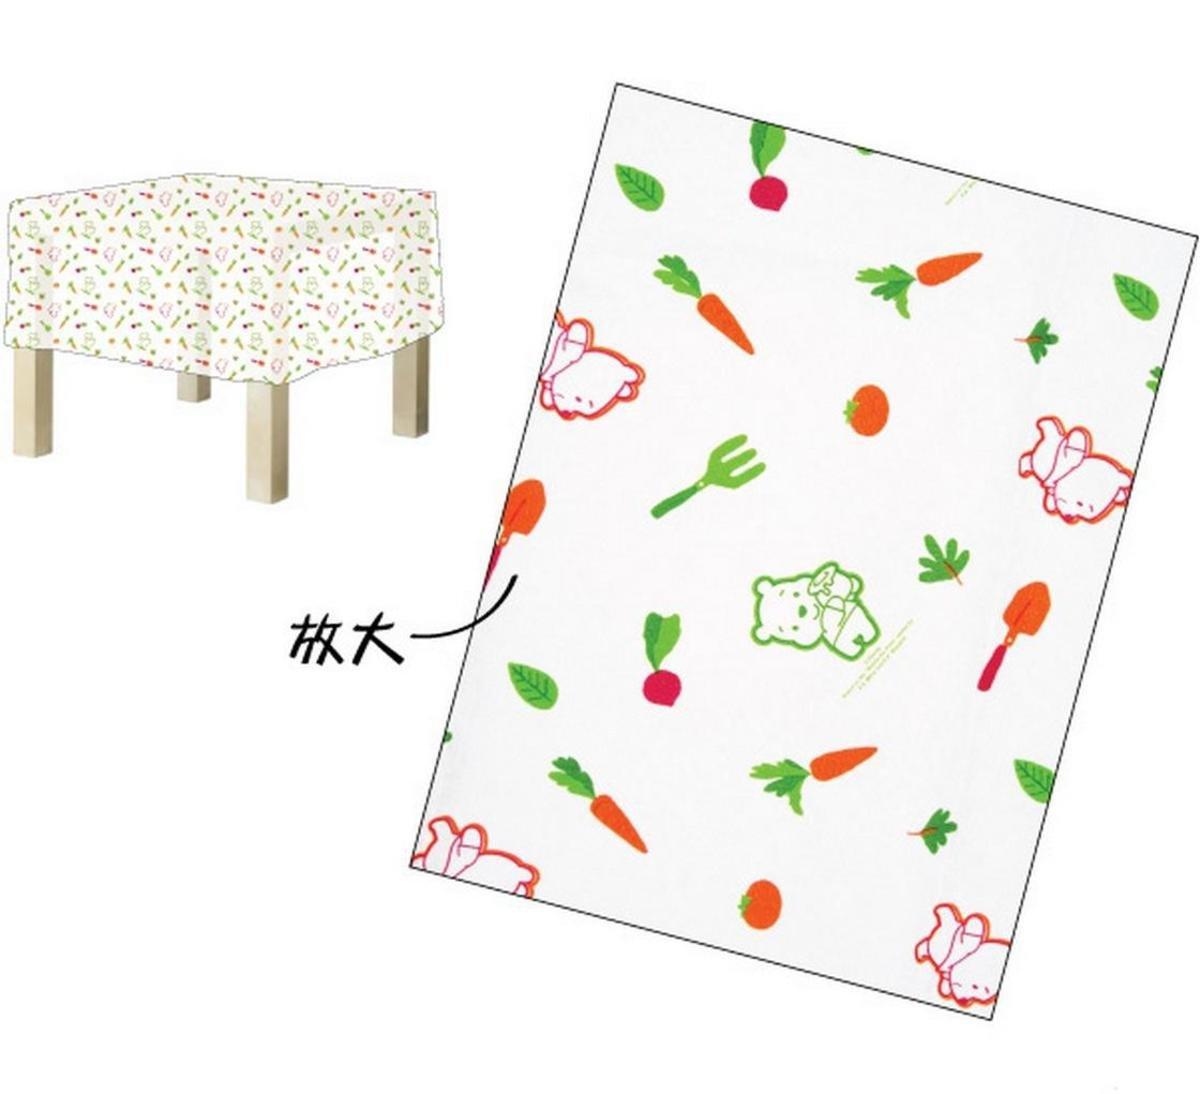 小熊維尼長方形桌布